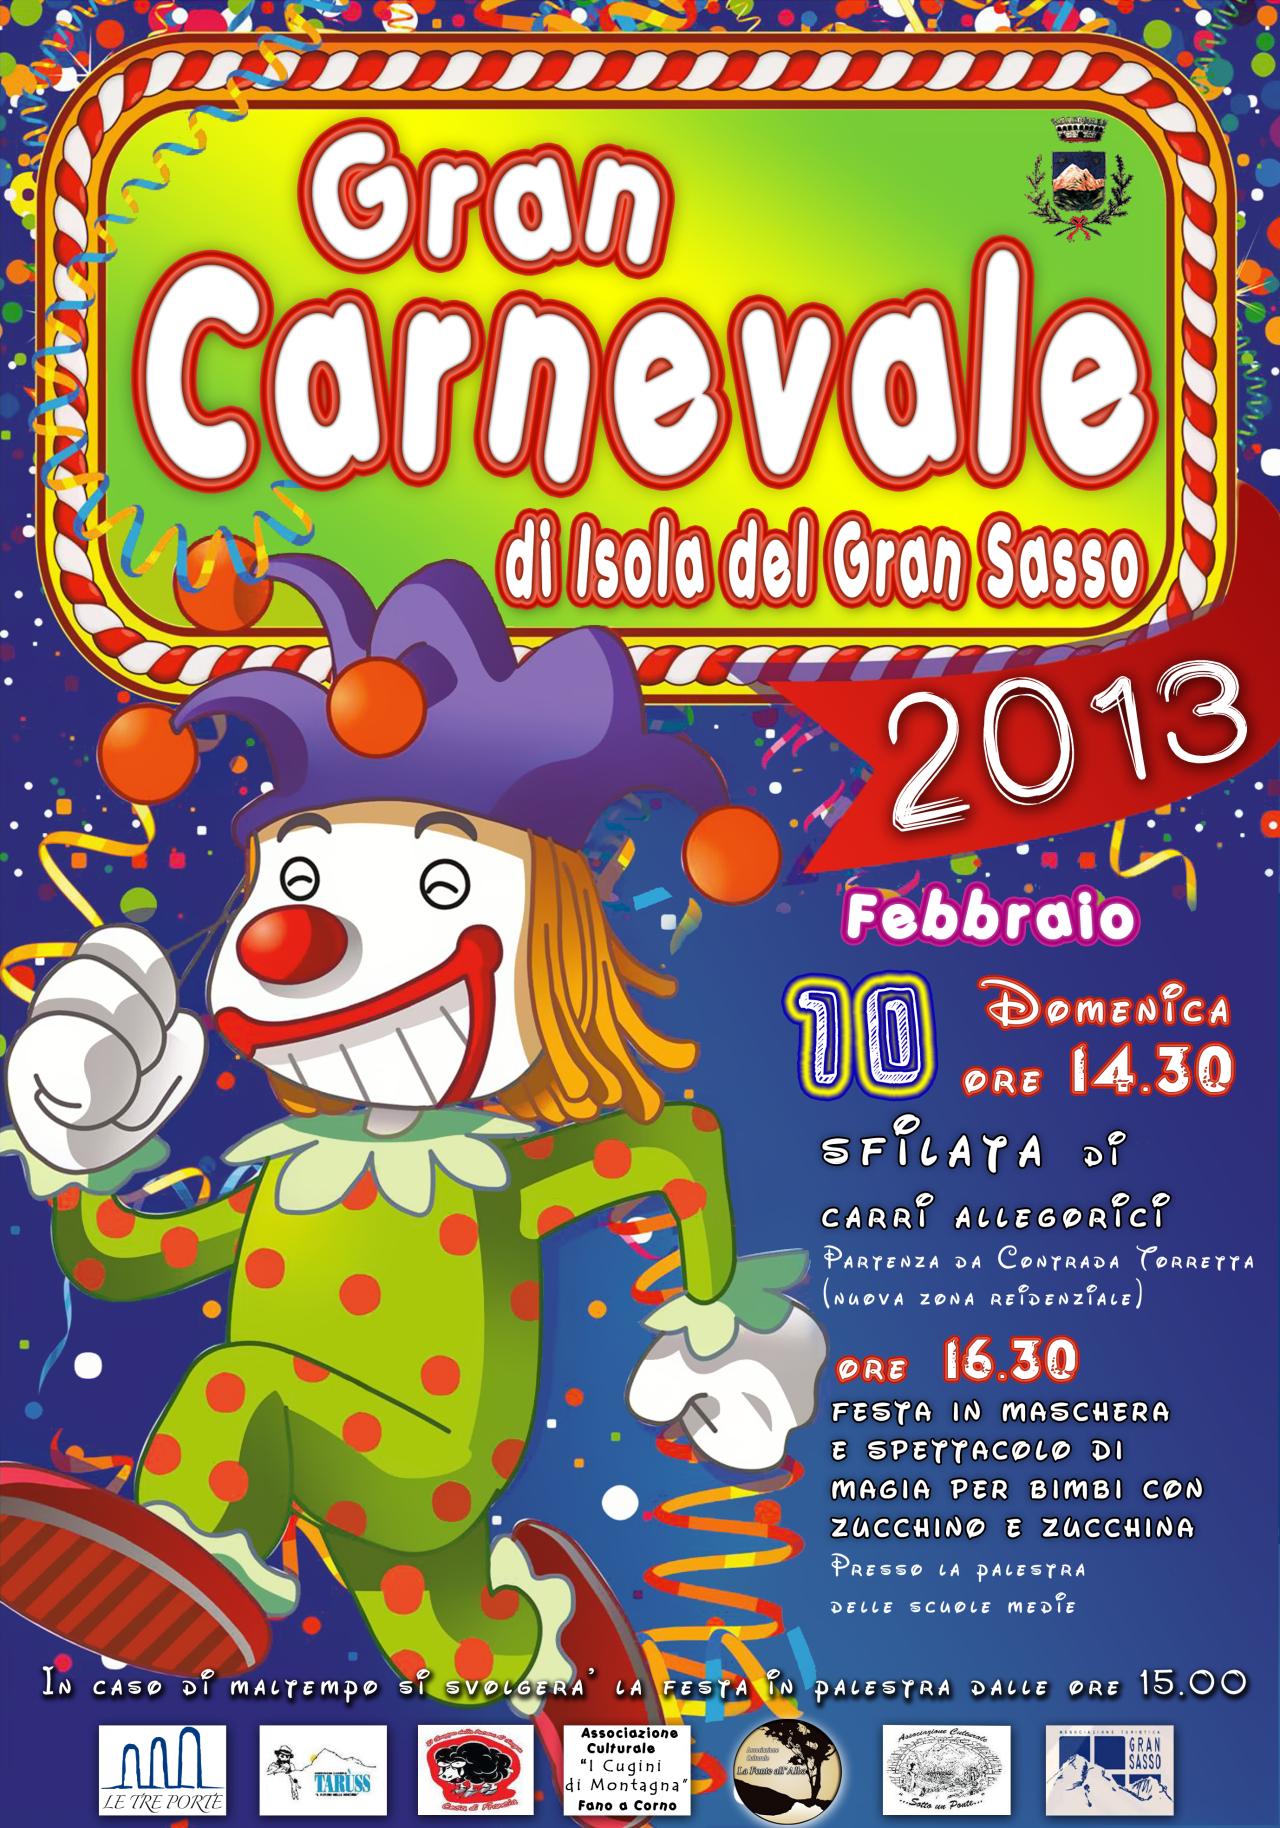 Carnevale 2013 a Isola del Gran Sasso